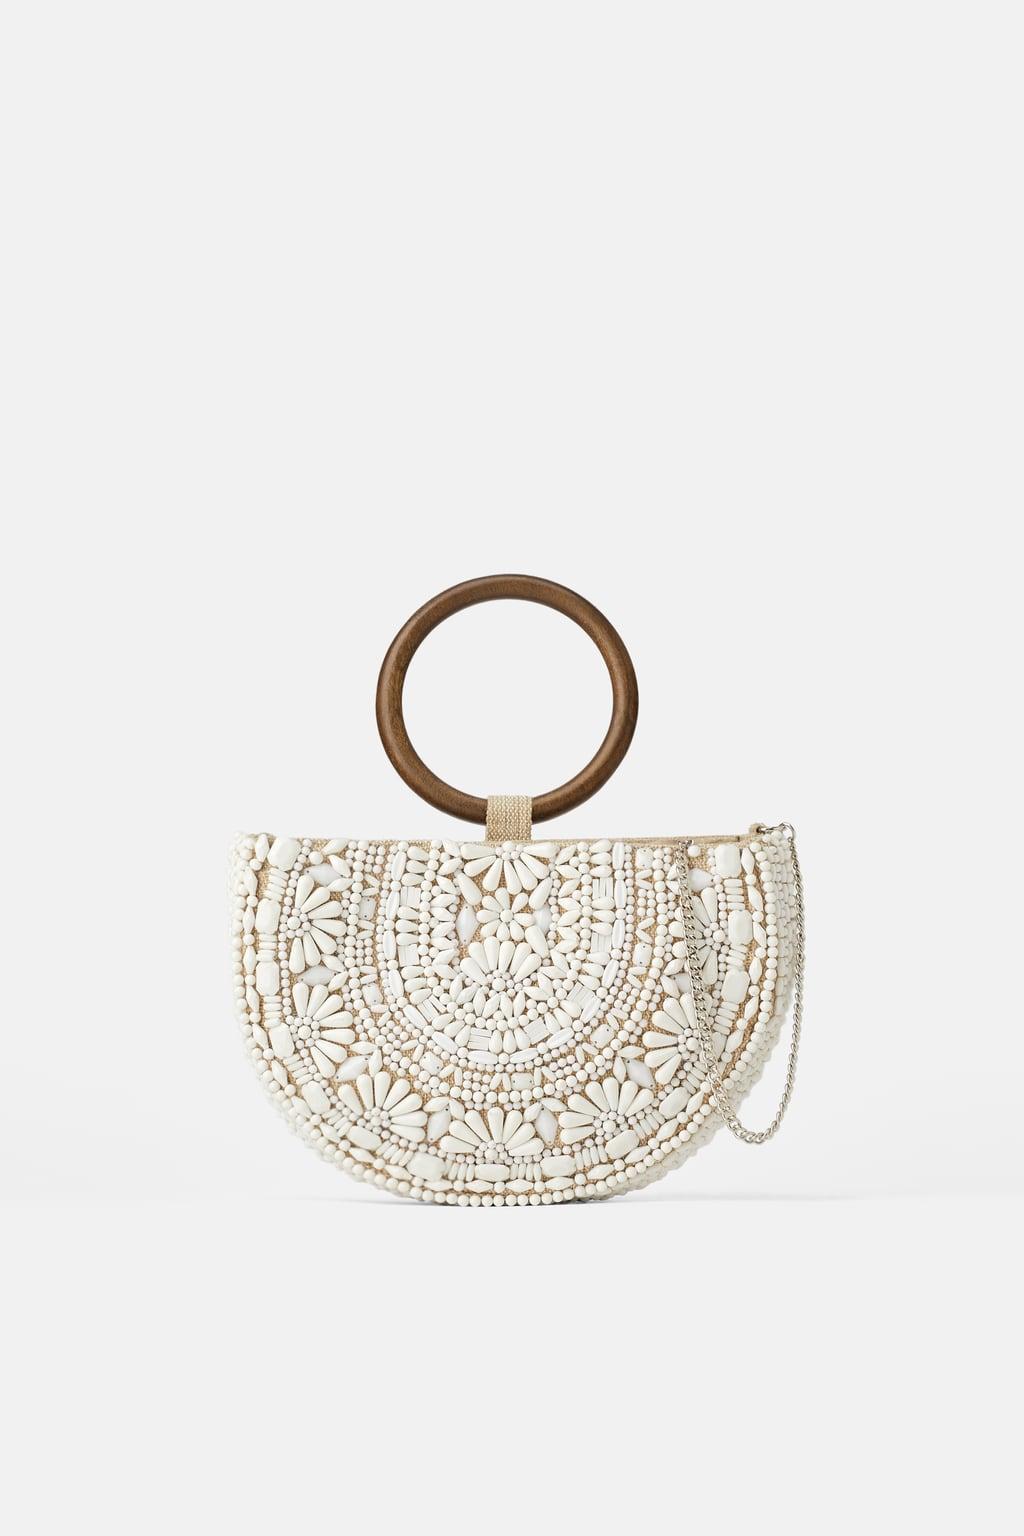 Ovalna torba s perlicama, Zara, 299,90 kuna